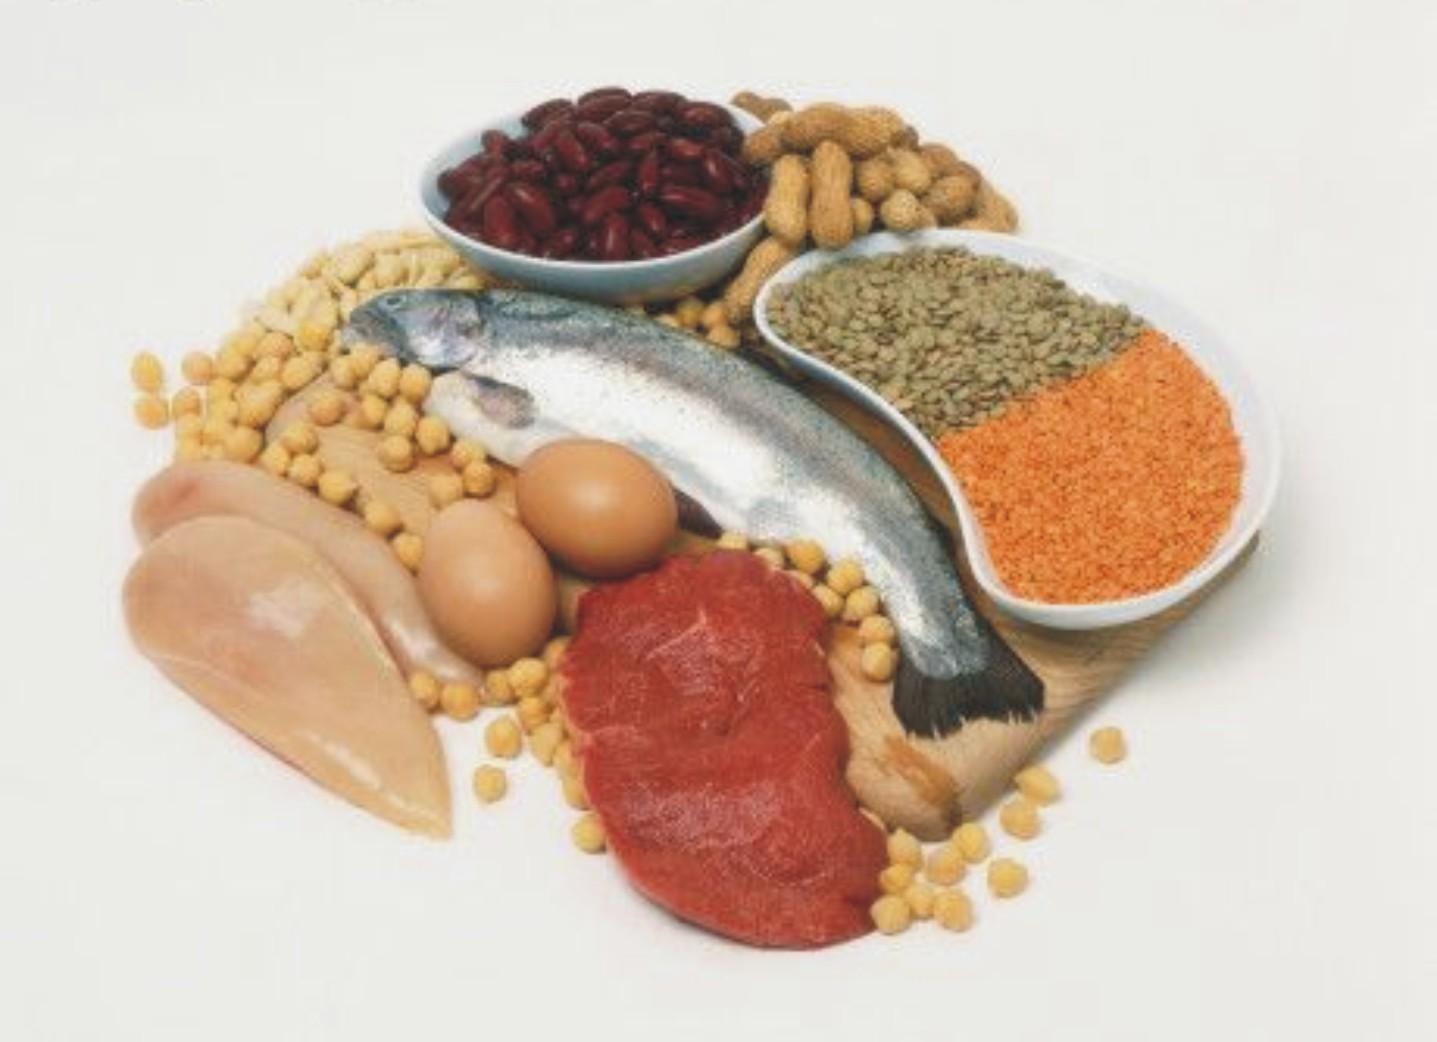 Benarkah Susu Tinggi Protein Efektif Bantu Membentuk Otot?